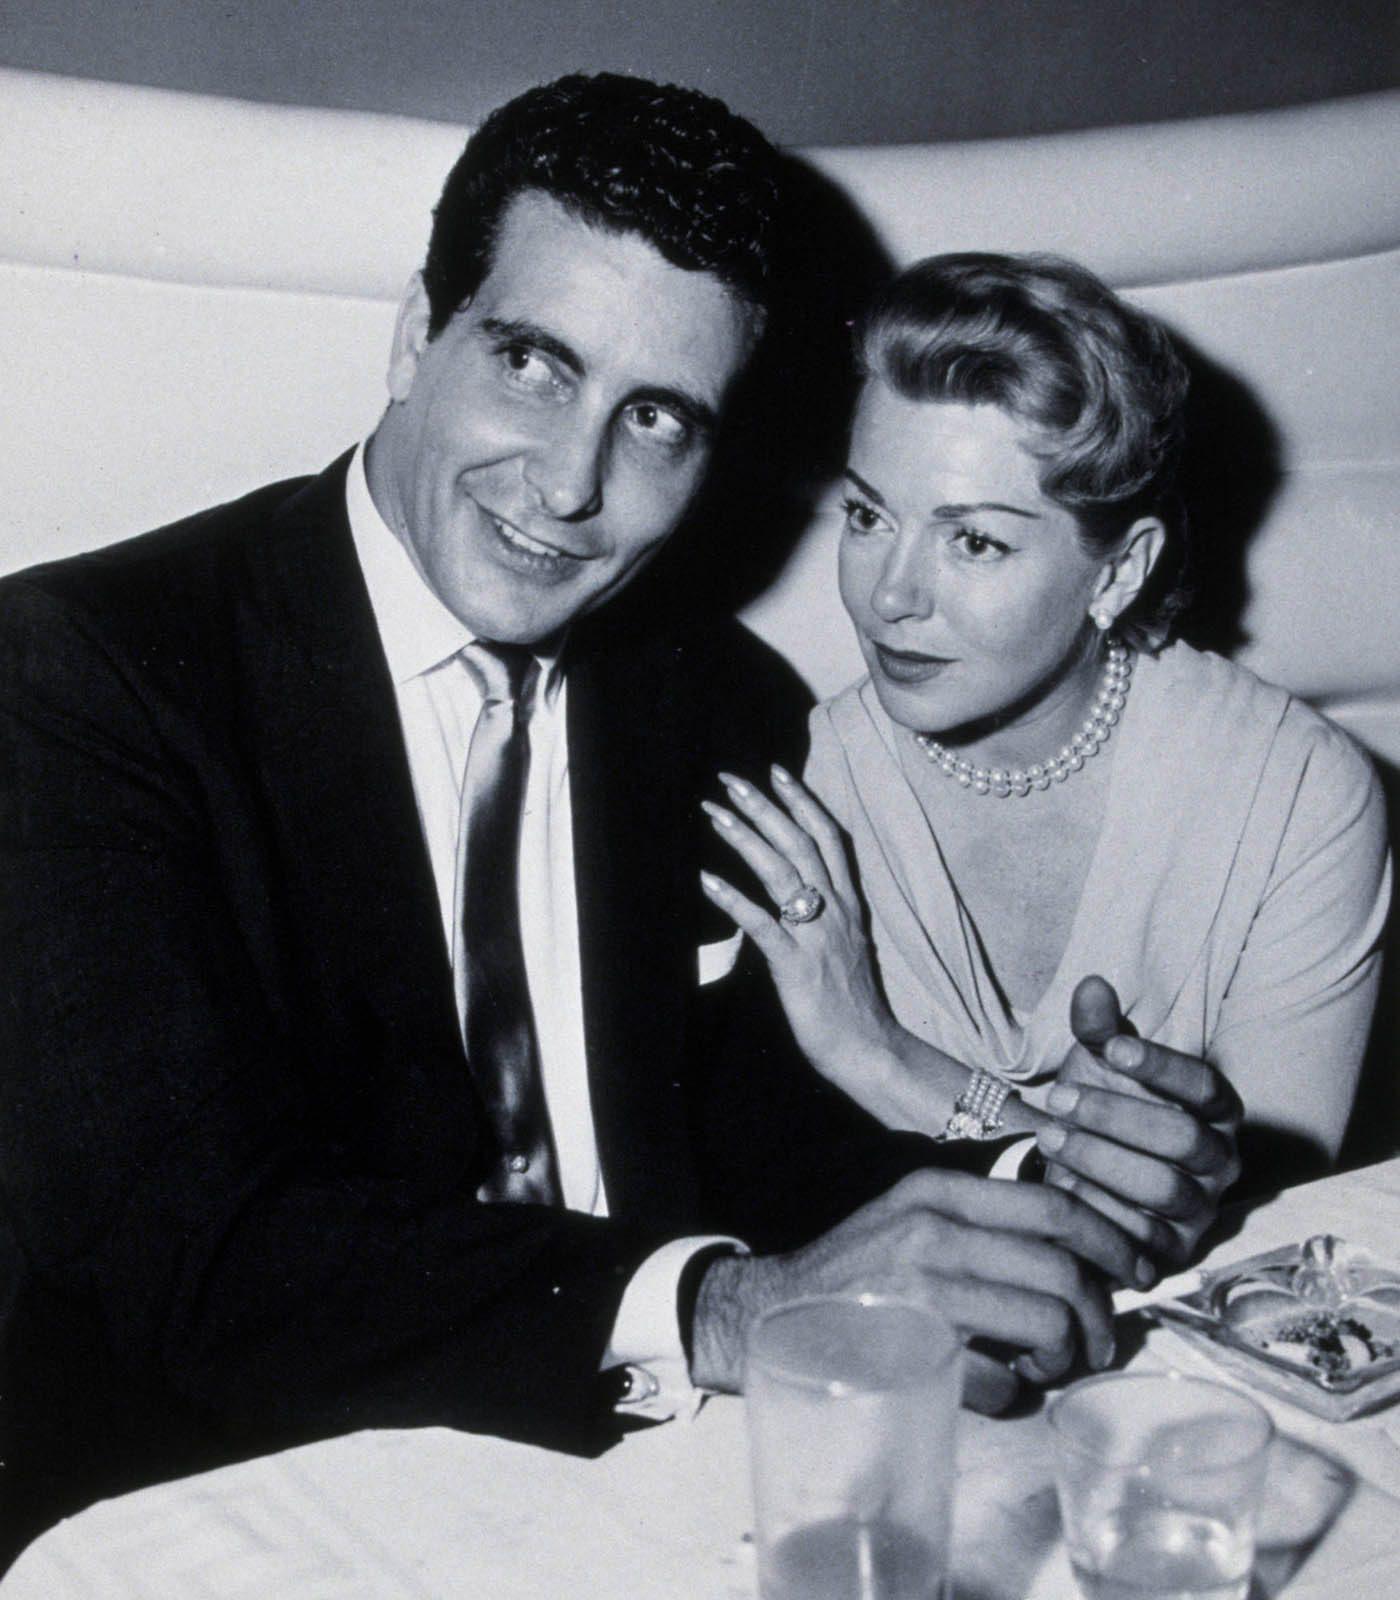 La mort mystérieuse de Johnny Stompanato serait en fait le crime de Lana Turner.